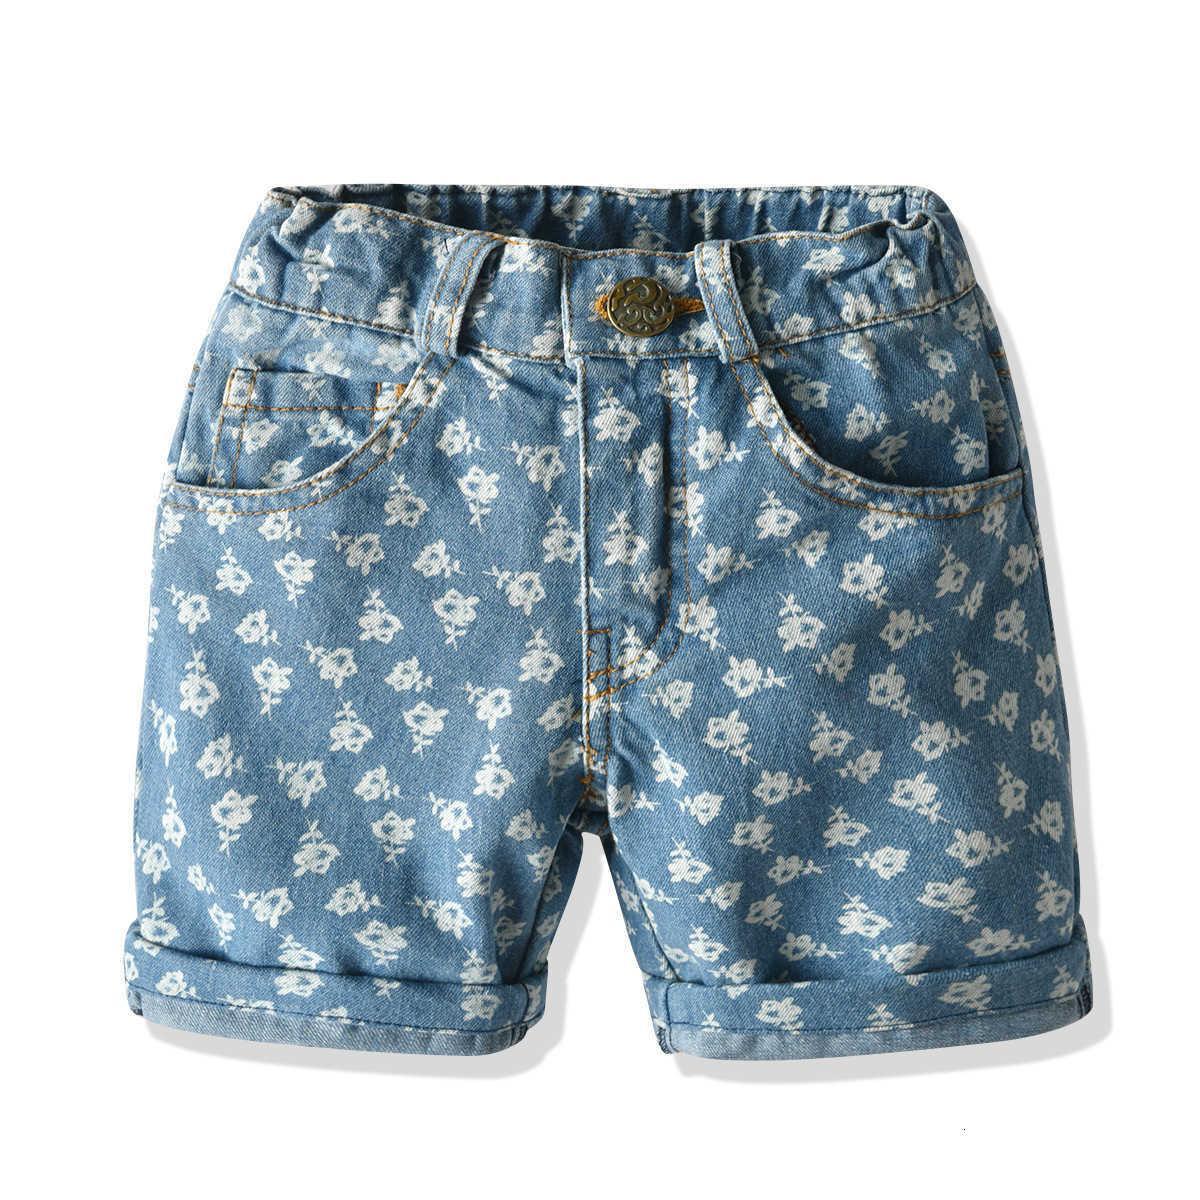 Kinder Jungen Baby gedruckt Baumwolle Denim Shorts Sommer Casual Hosen